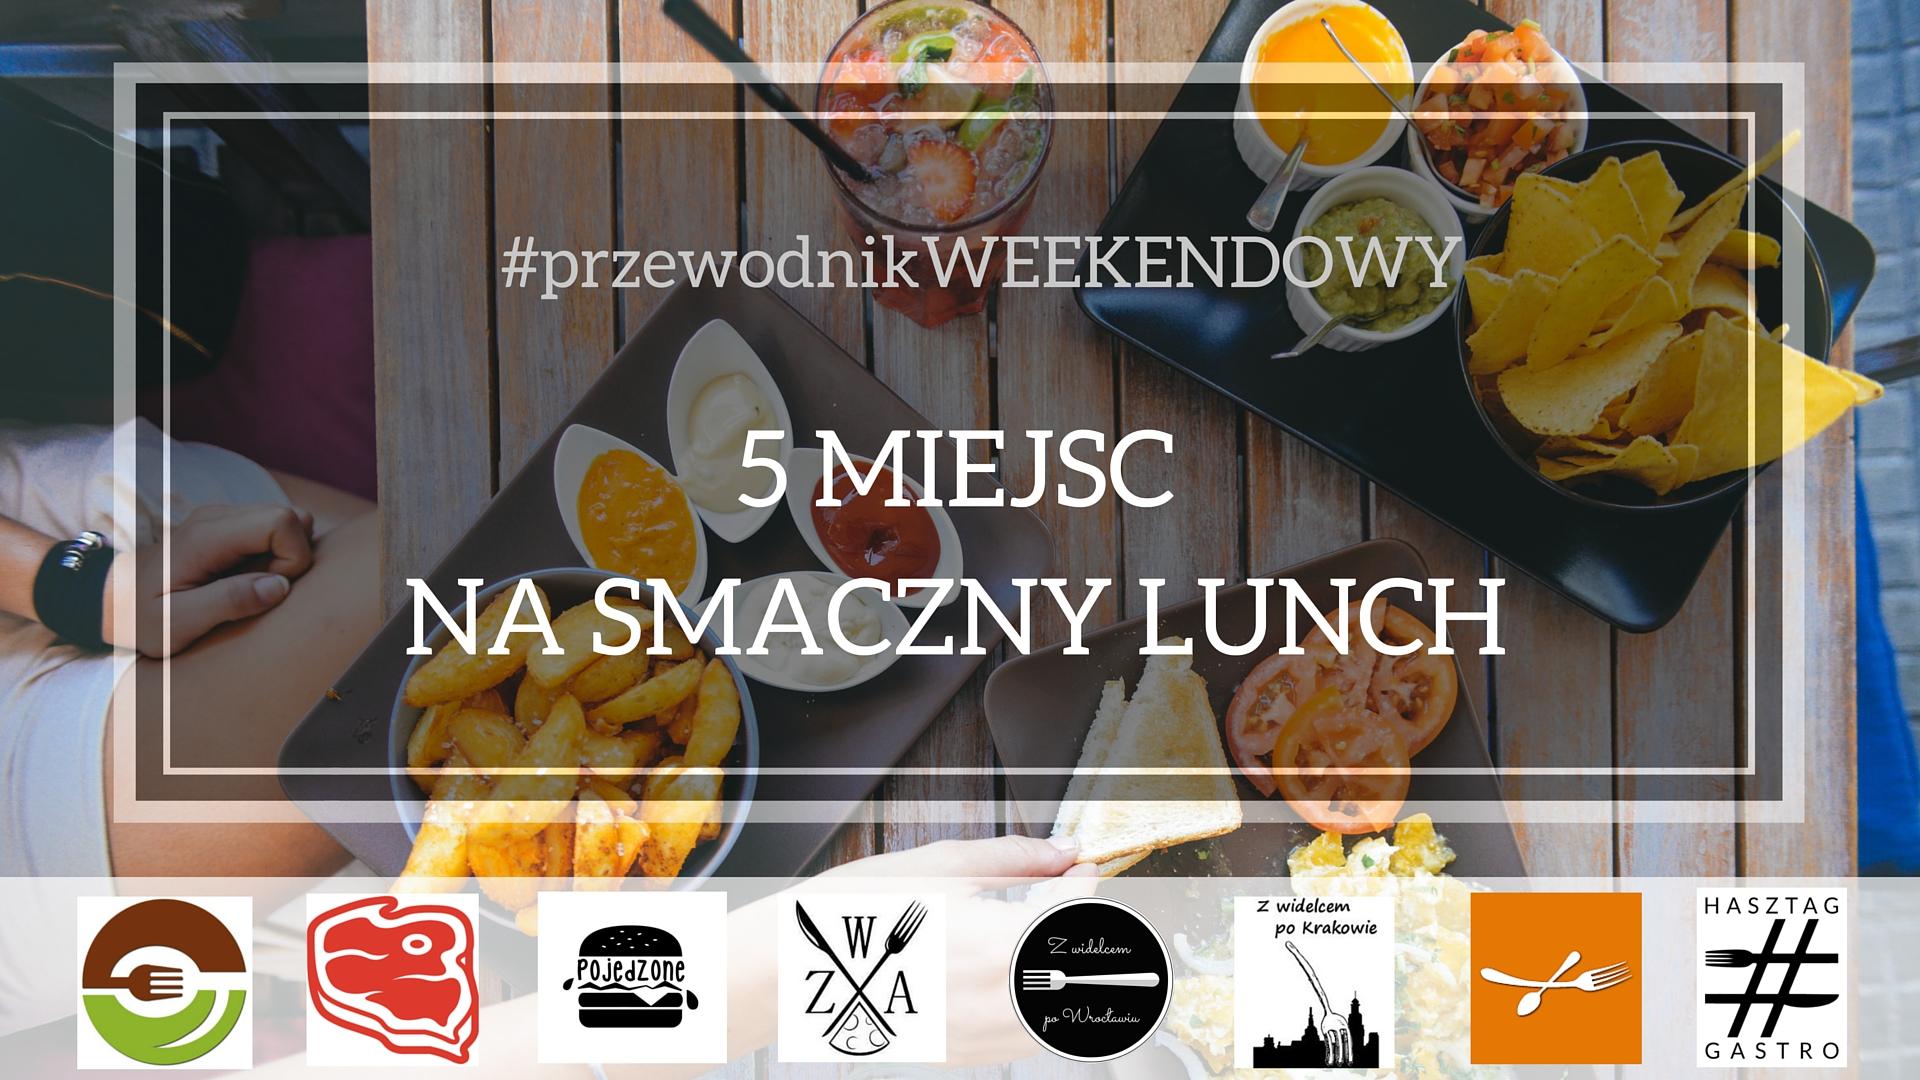 Kraków - 5 miejsc na smaczny lunch - najlepsze miejsce na lunch